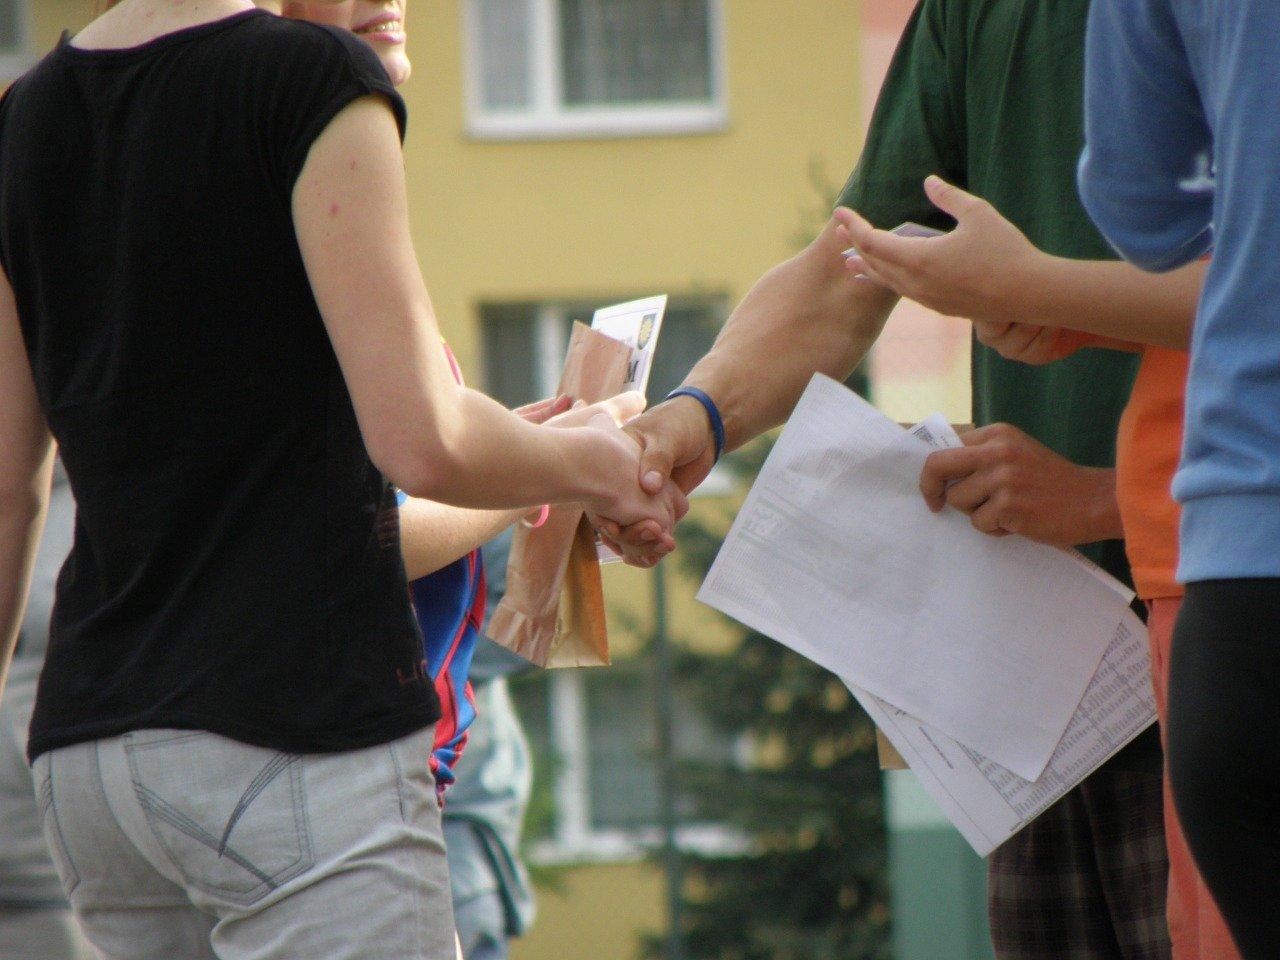 握手をする人々